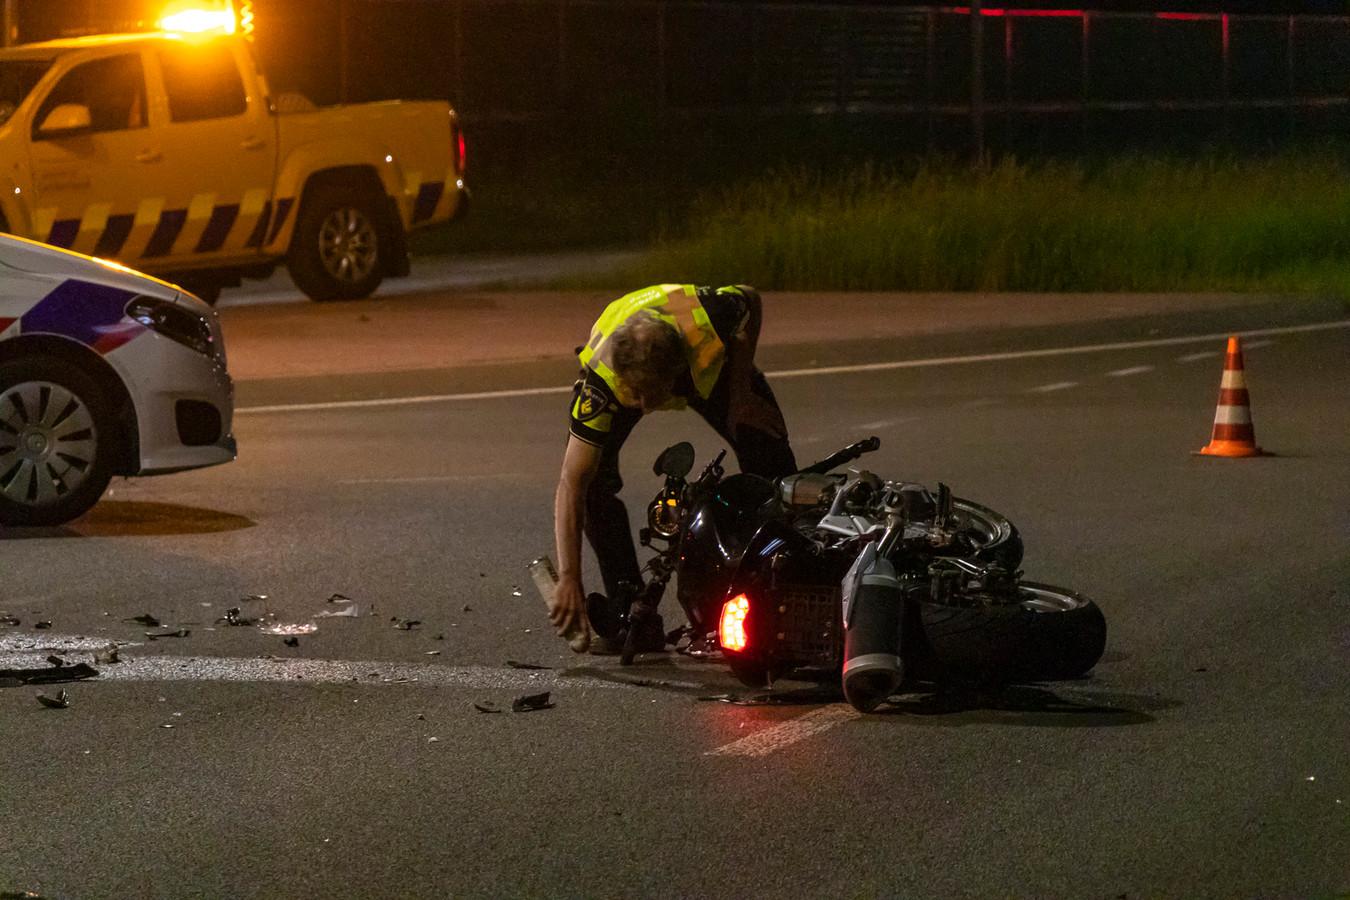 De weg is na het ongeval nog enige tijd dicht geweest voor politieonderzoek.